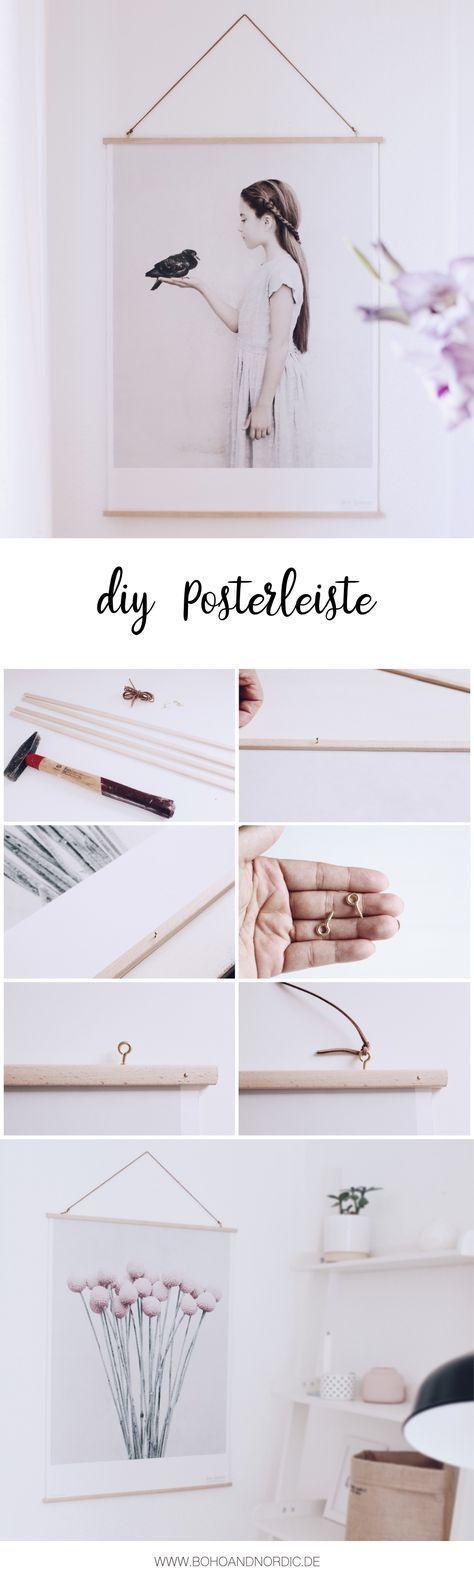 Anzeige diy posterleiste aus holz crafts pinterest for Deko studentenzimmer